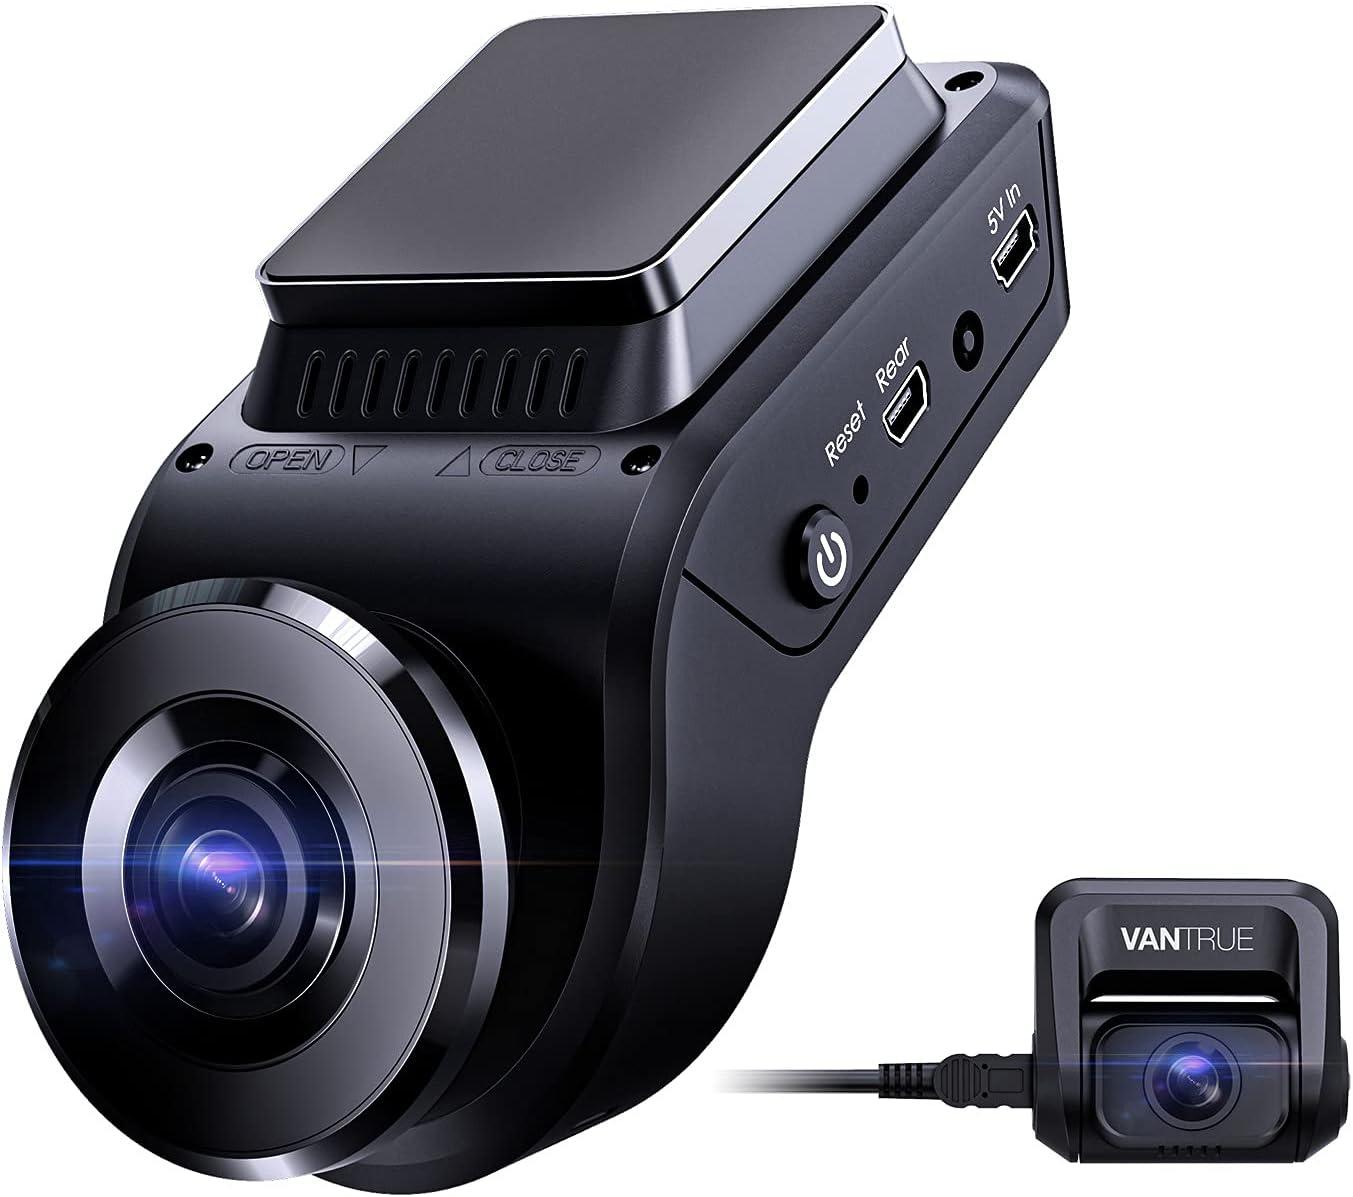 Vantrue S1 4K Hidden Dash Camera $129.99 Coupon